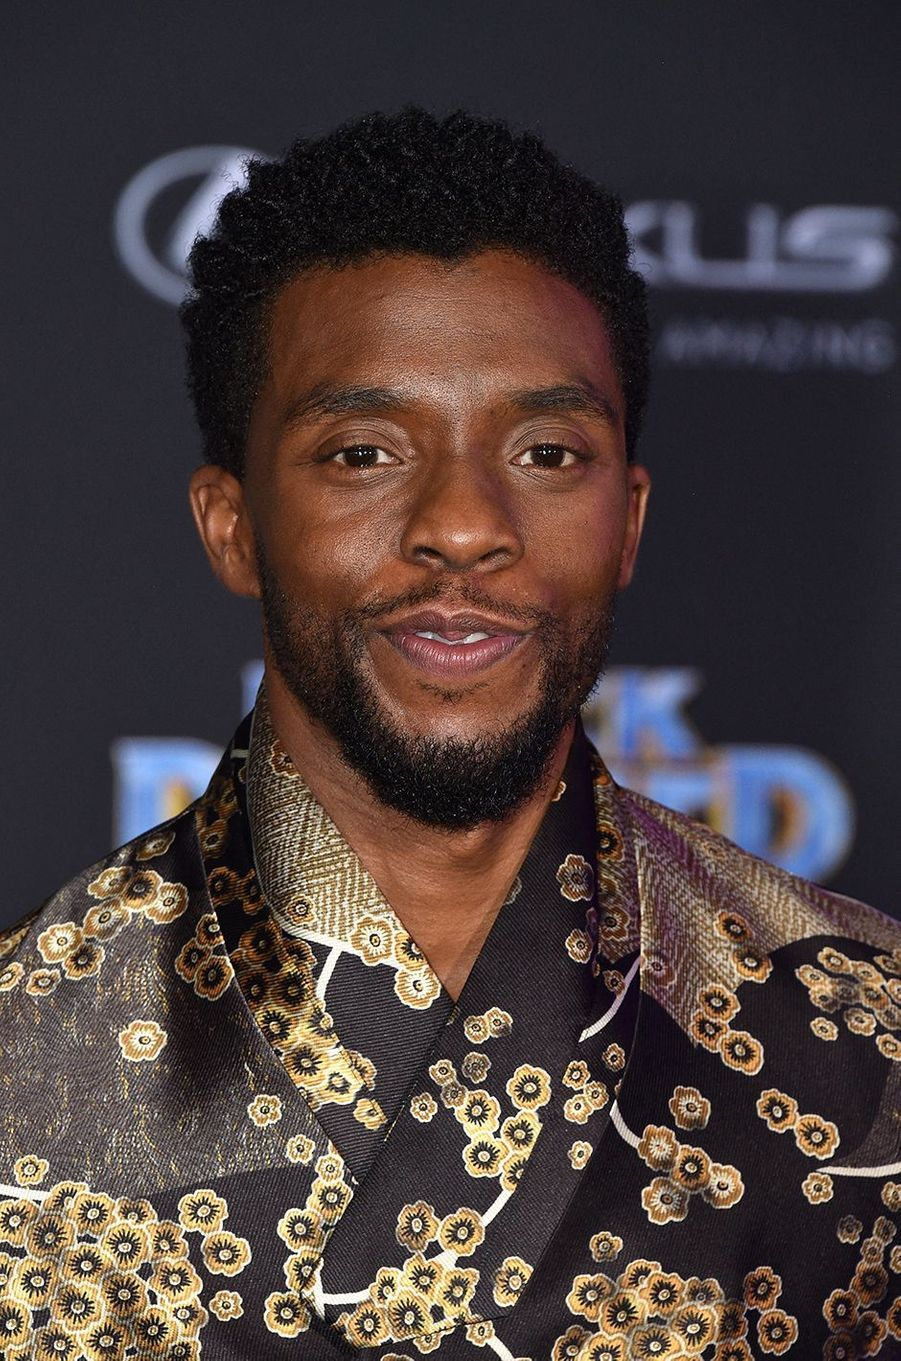 Tendances monde (3e) : Chadwick Boseman figure dans le Top 10 des personnalités disparues les plus recherchées sur Google en 2020